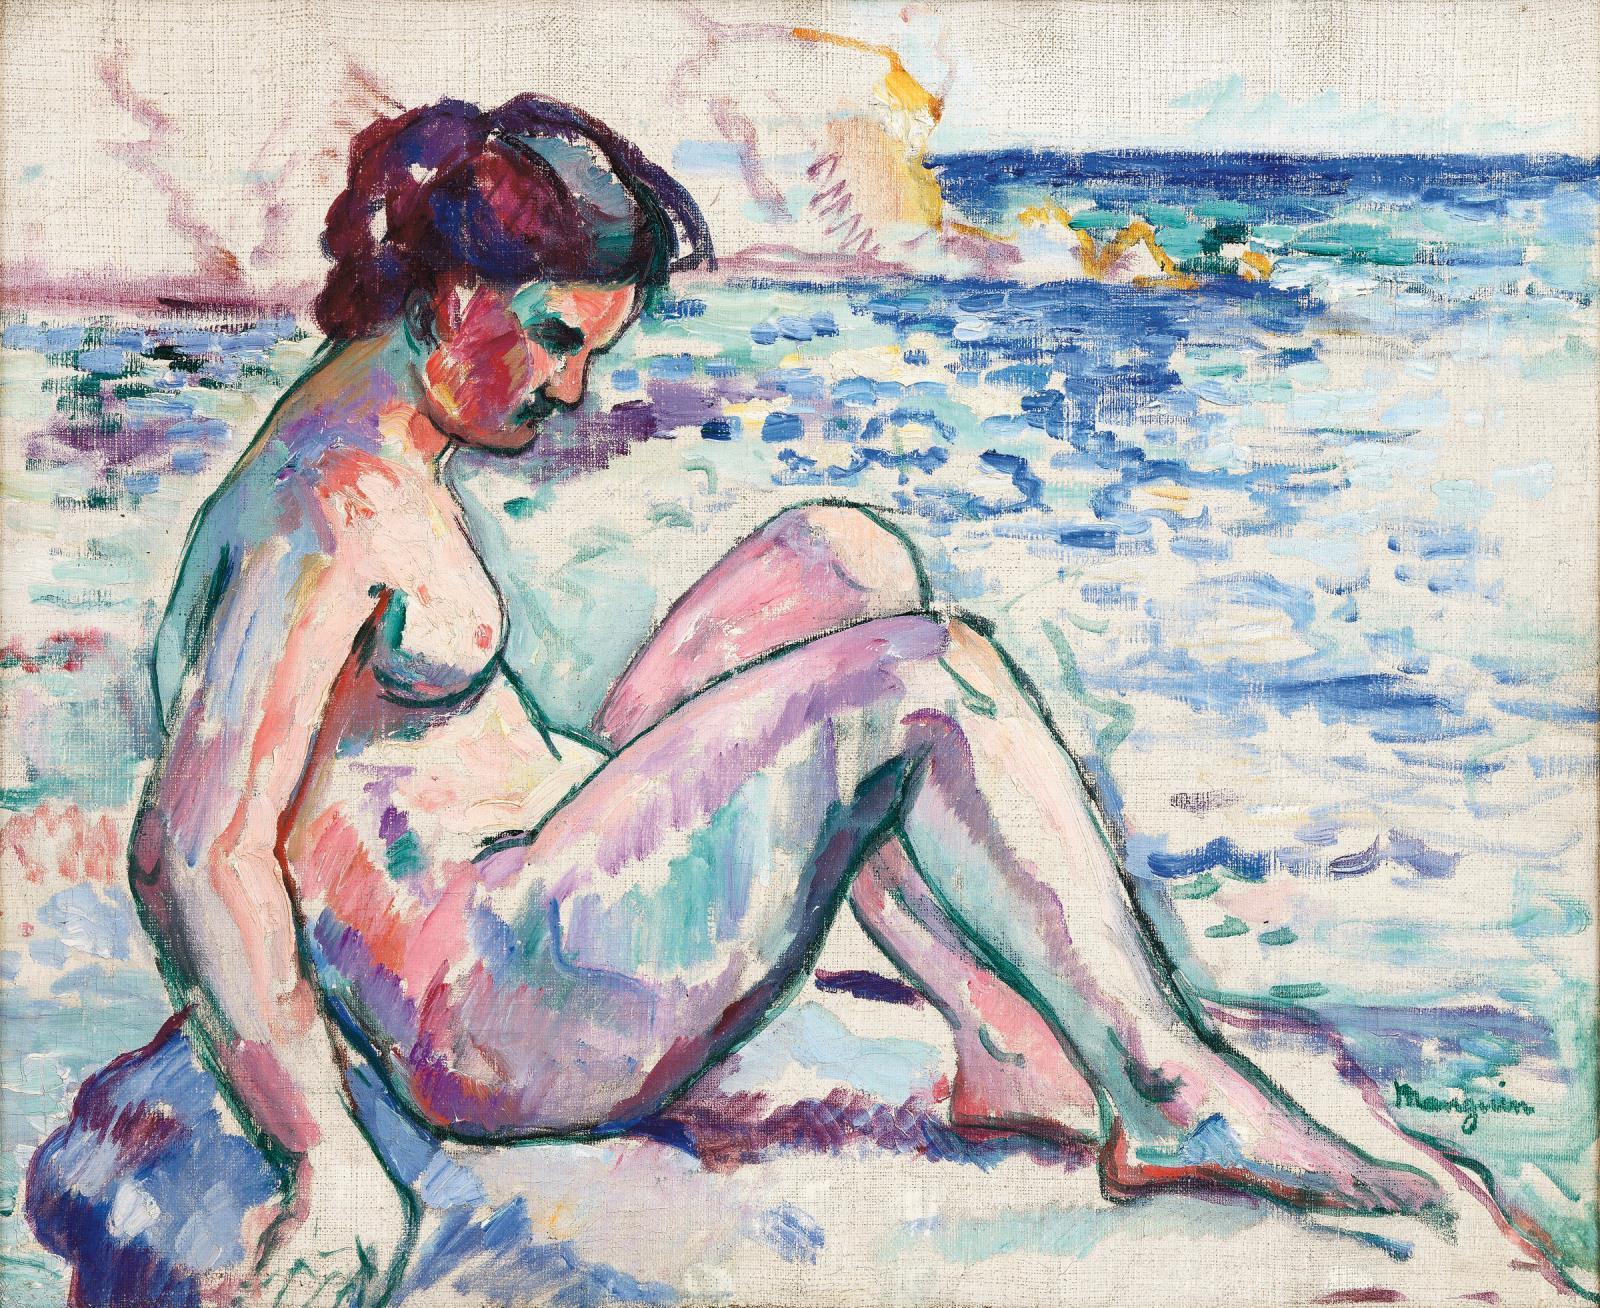 Charles Manguin (1874-1949), Jeanne au rocher, cavalière, huile sur toile. Galerie Alexis Pentcheff